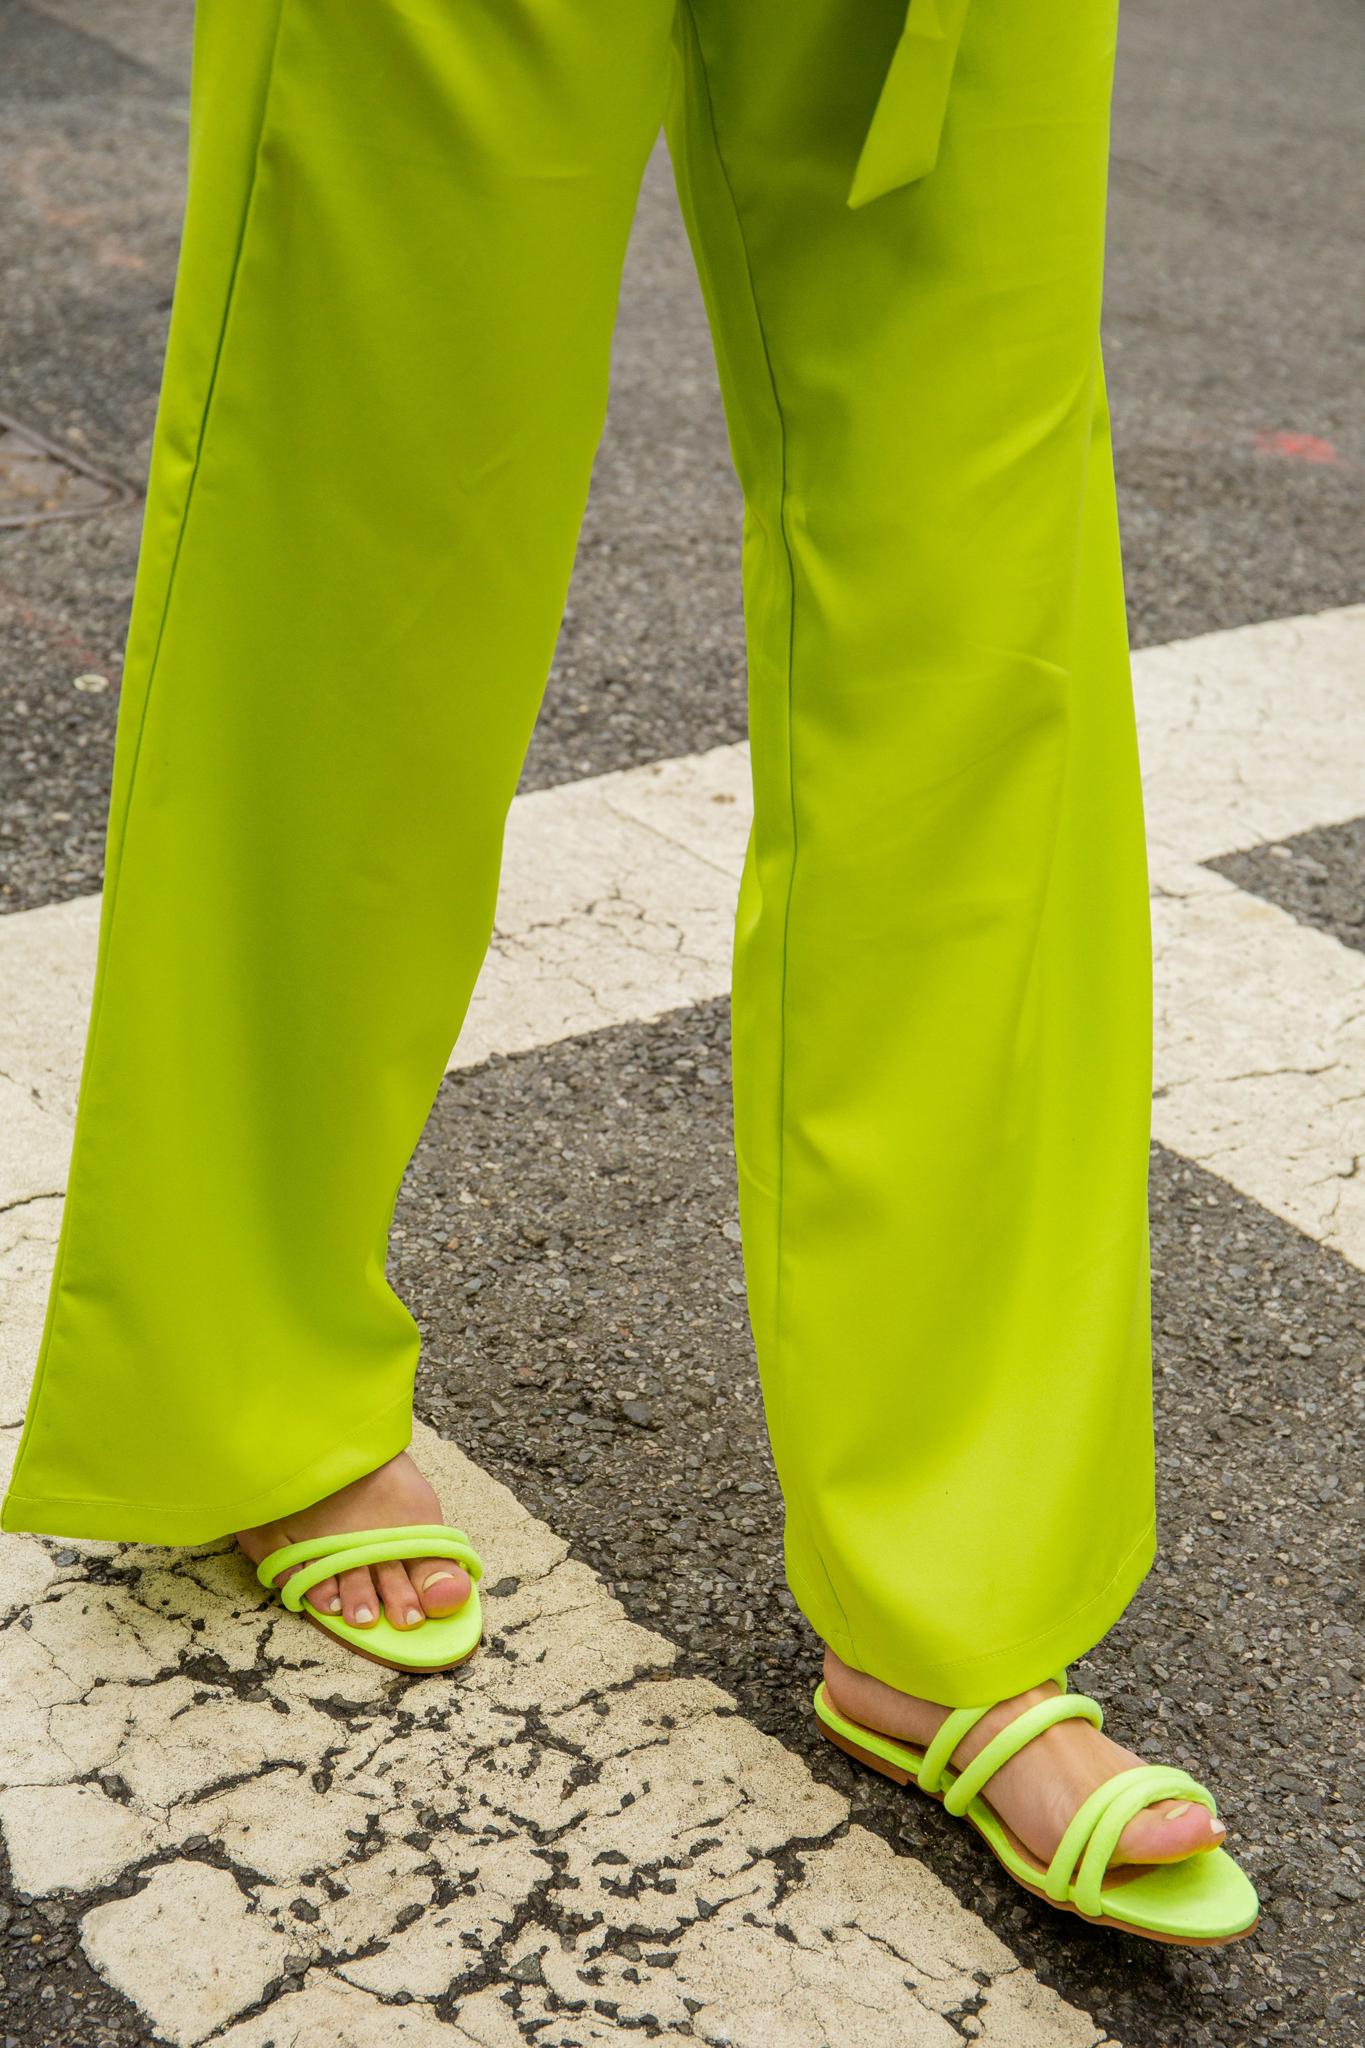 Neon green sandals